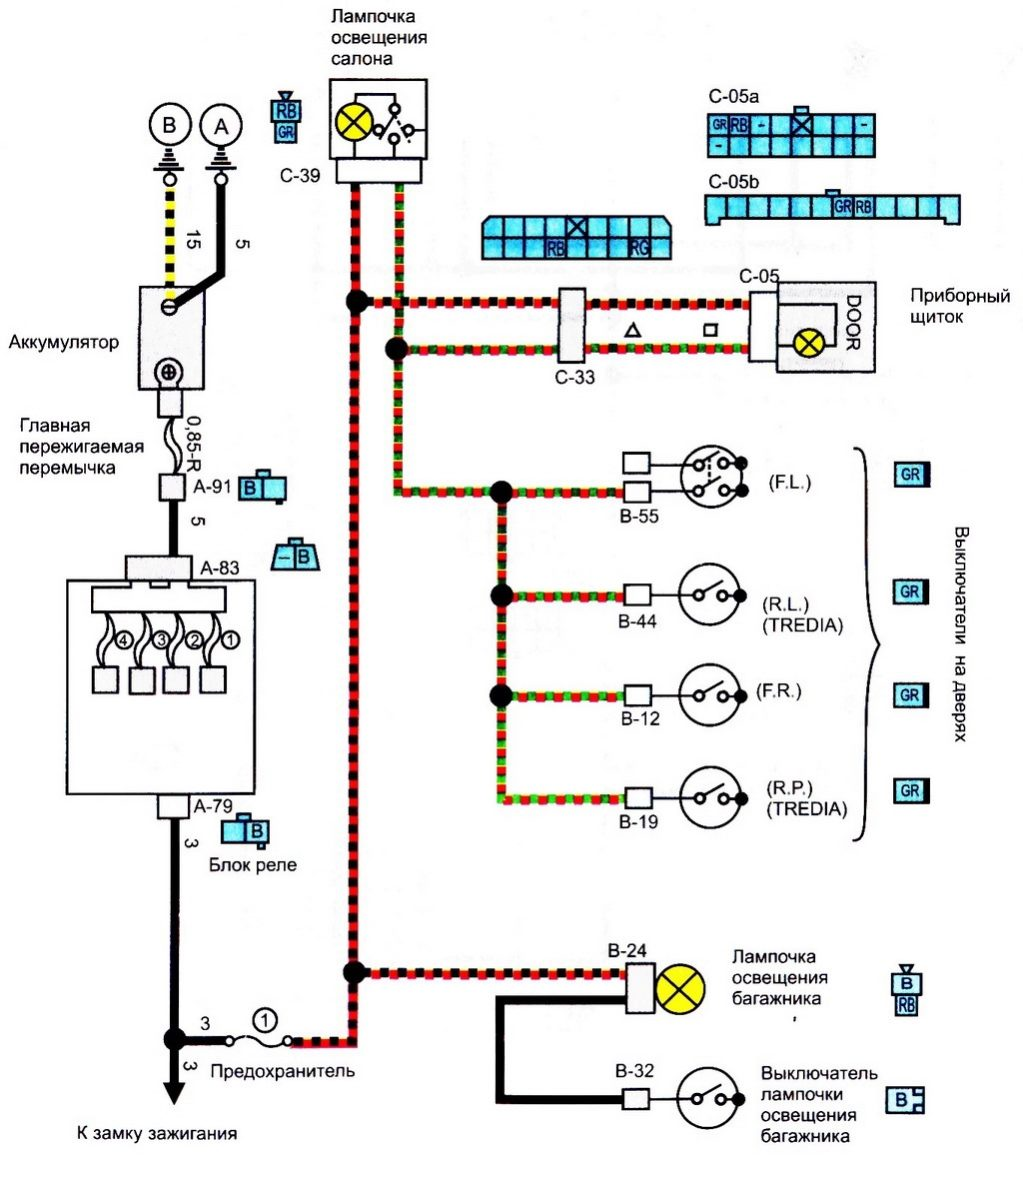 Lt b gt схема lt b gt электрическая lt b gt принципиальная lt b gt уаз 31519